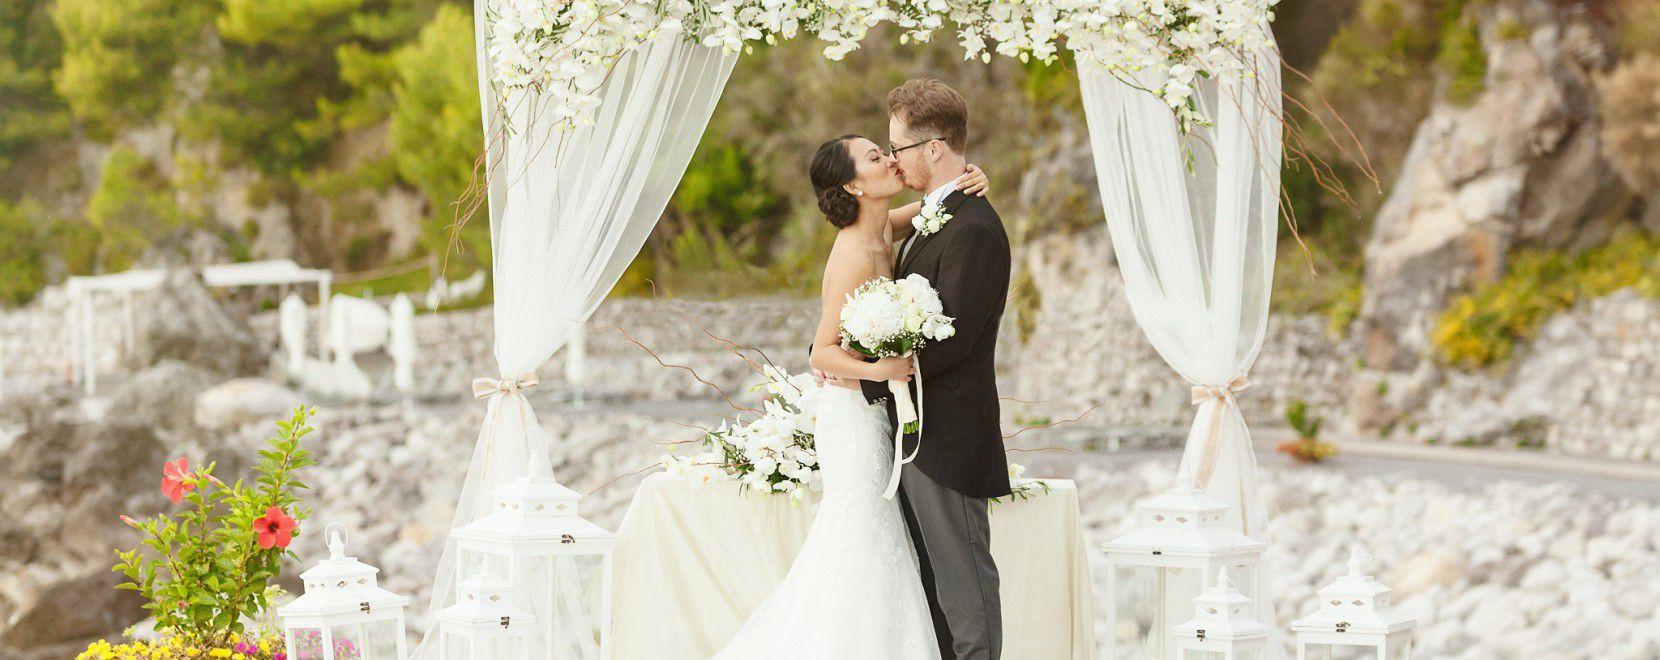 Coppia sposi allestimento matrimonio